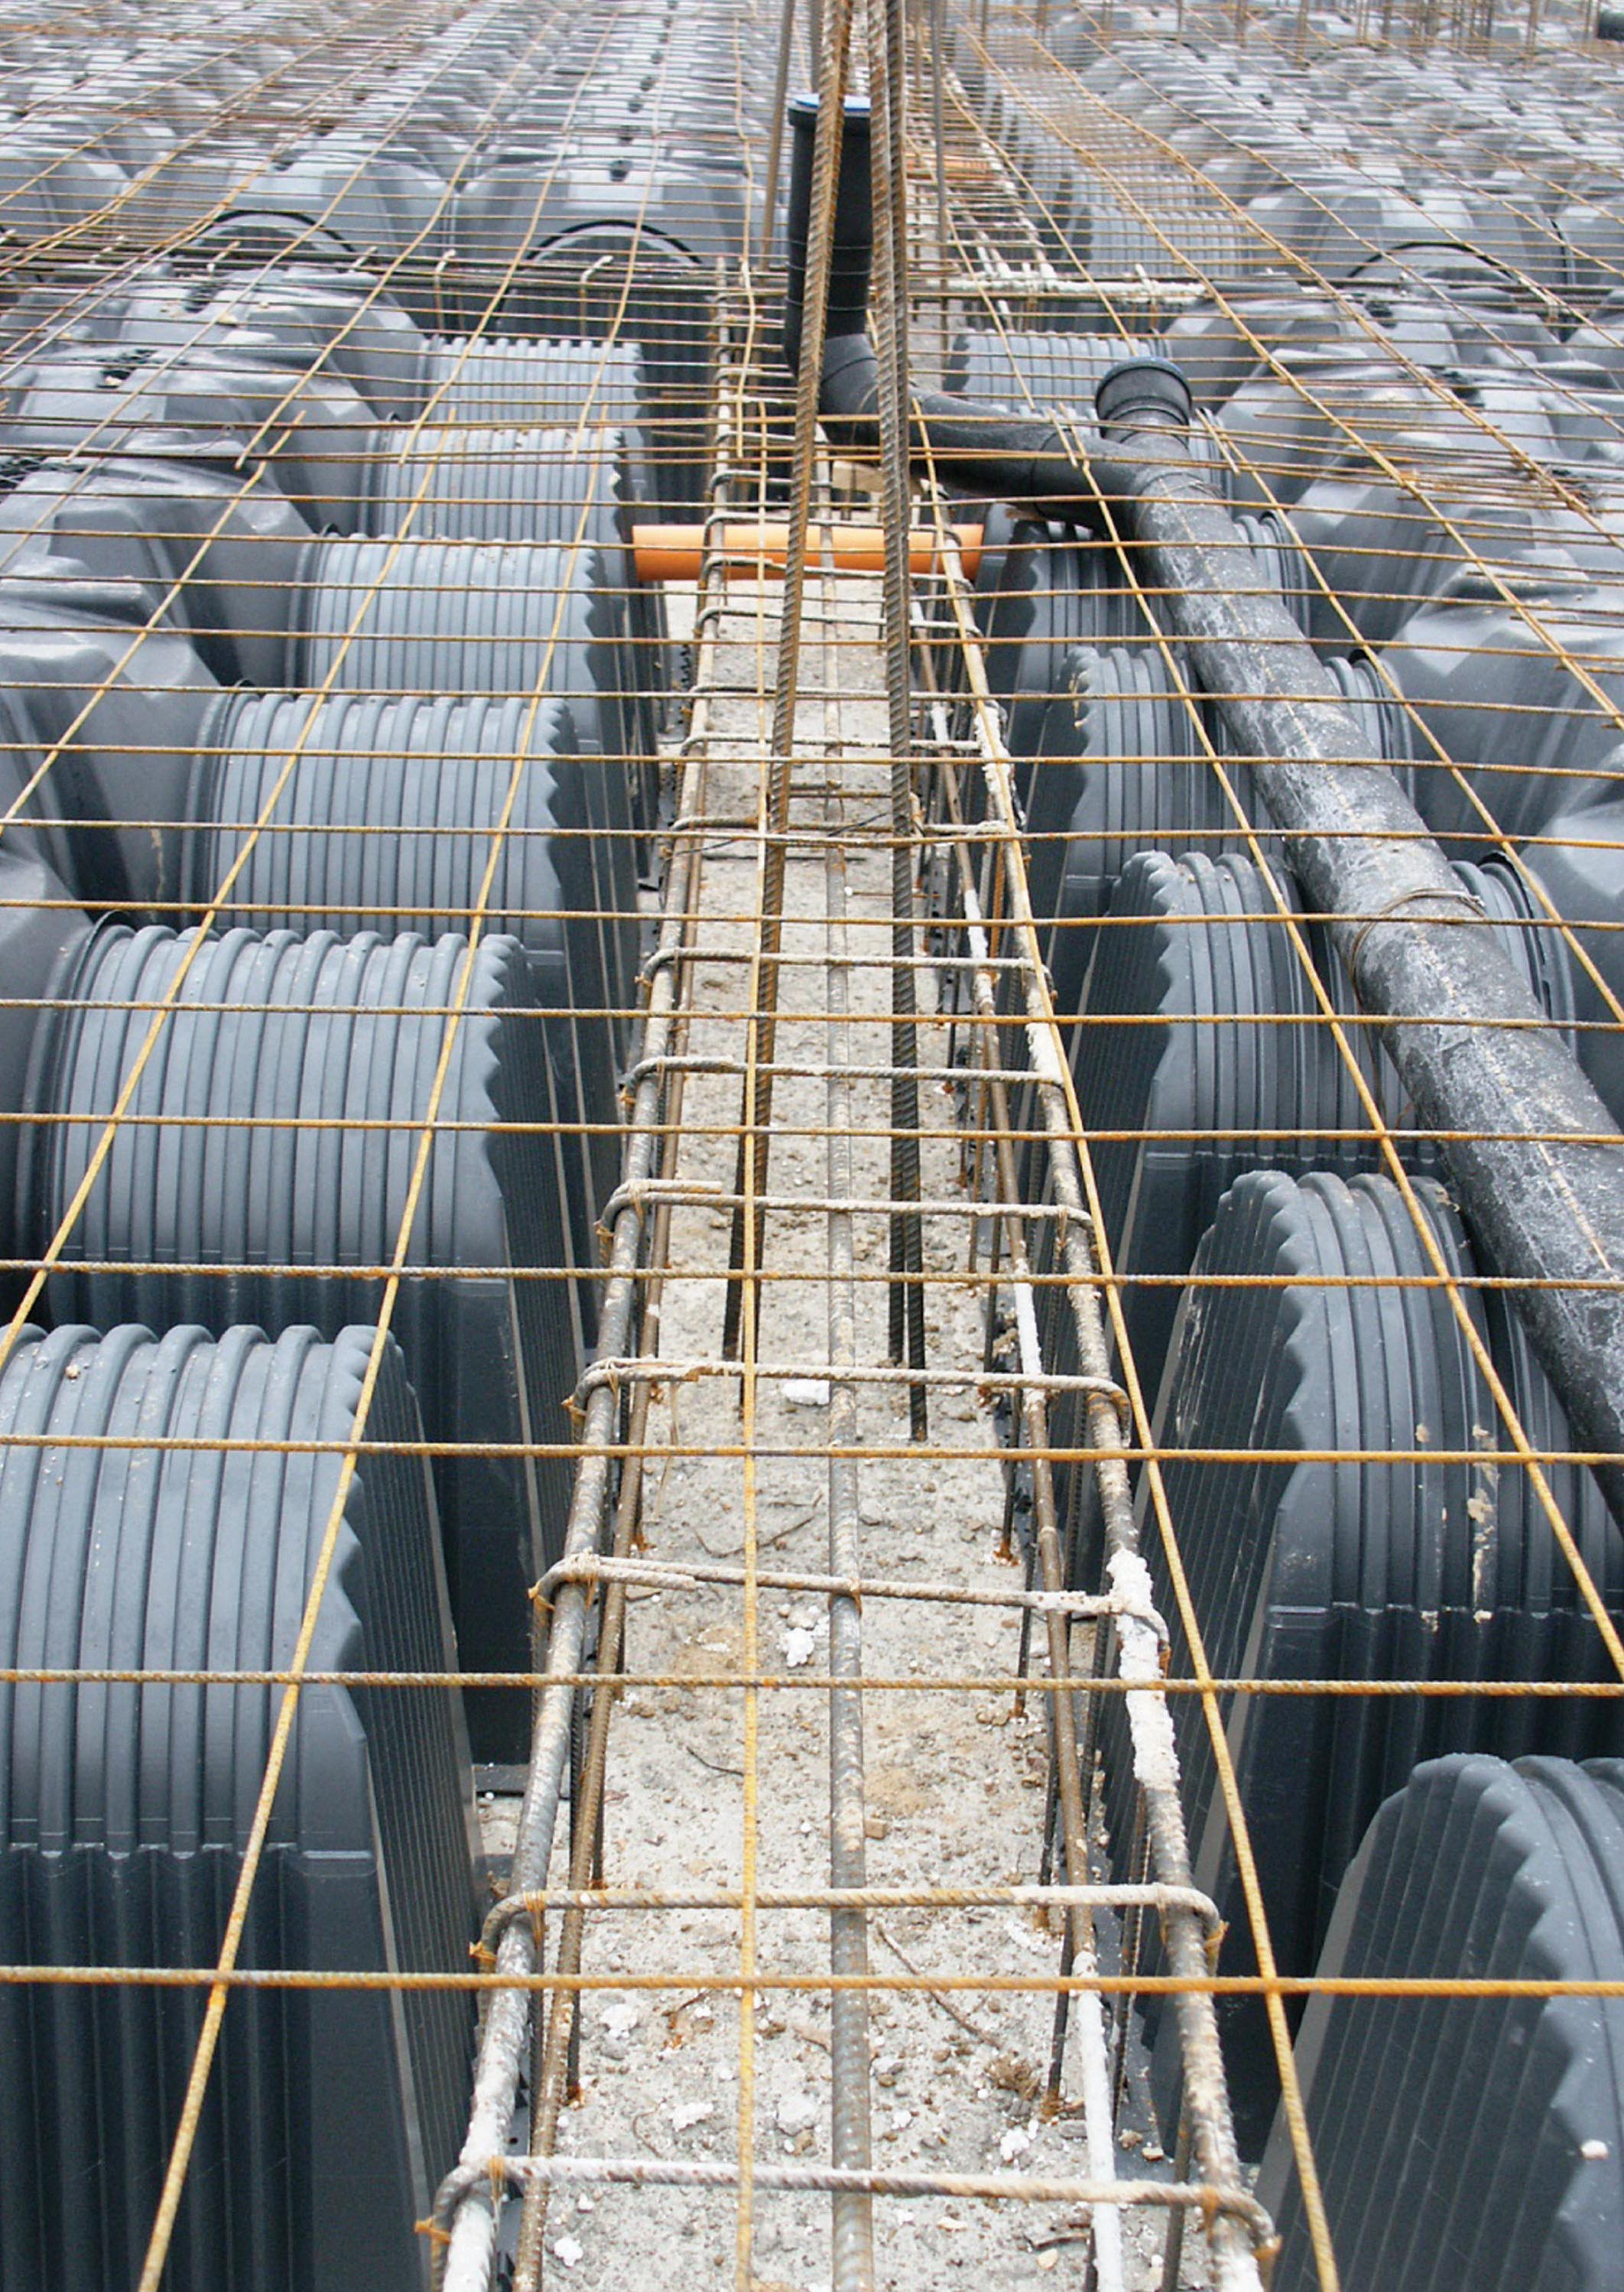 Cofraje pierdute pentru realizarea pardoselilor ventilate monolit GEOPLAST - Poza 1